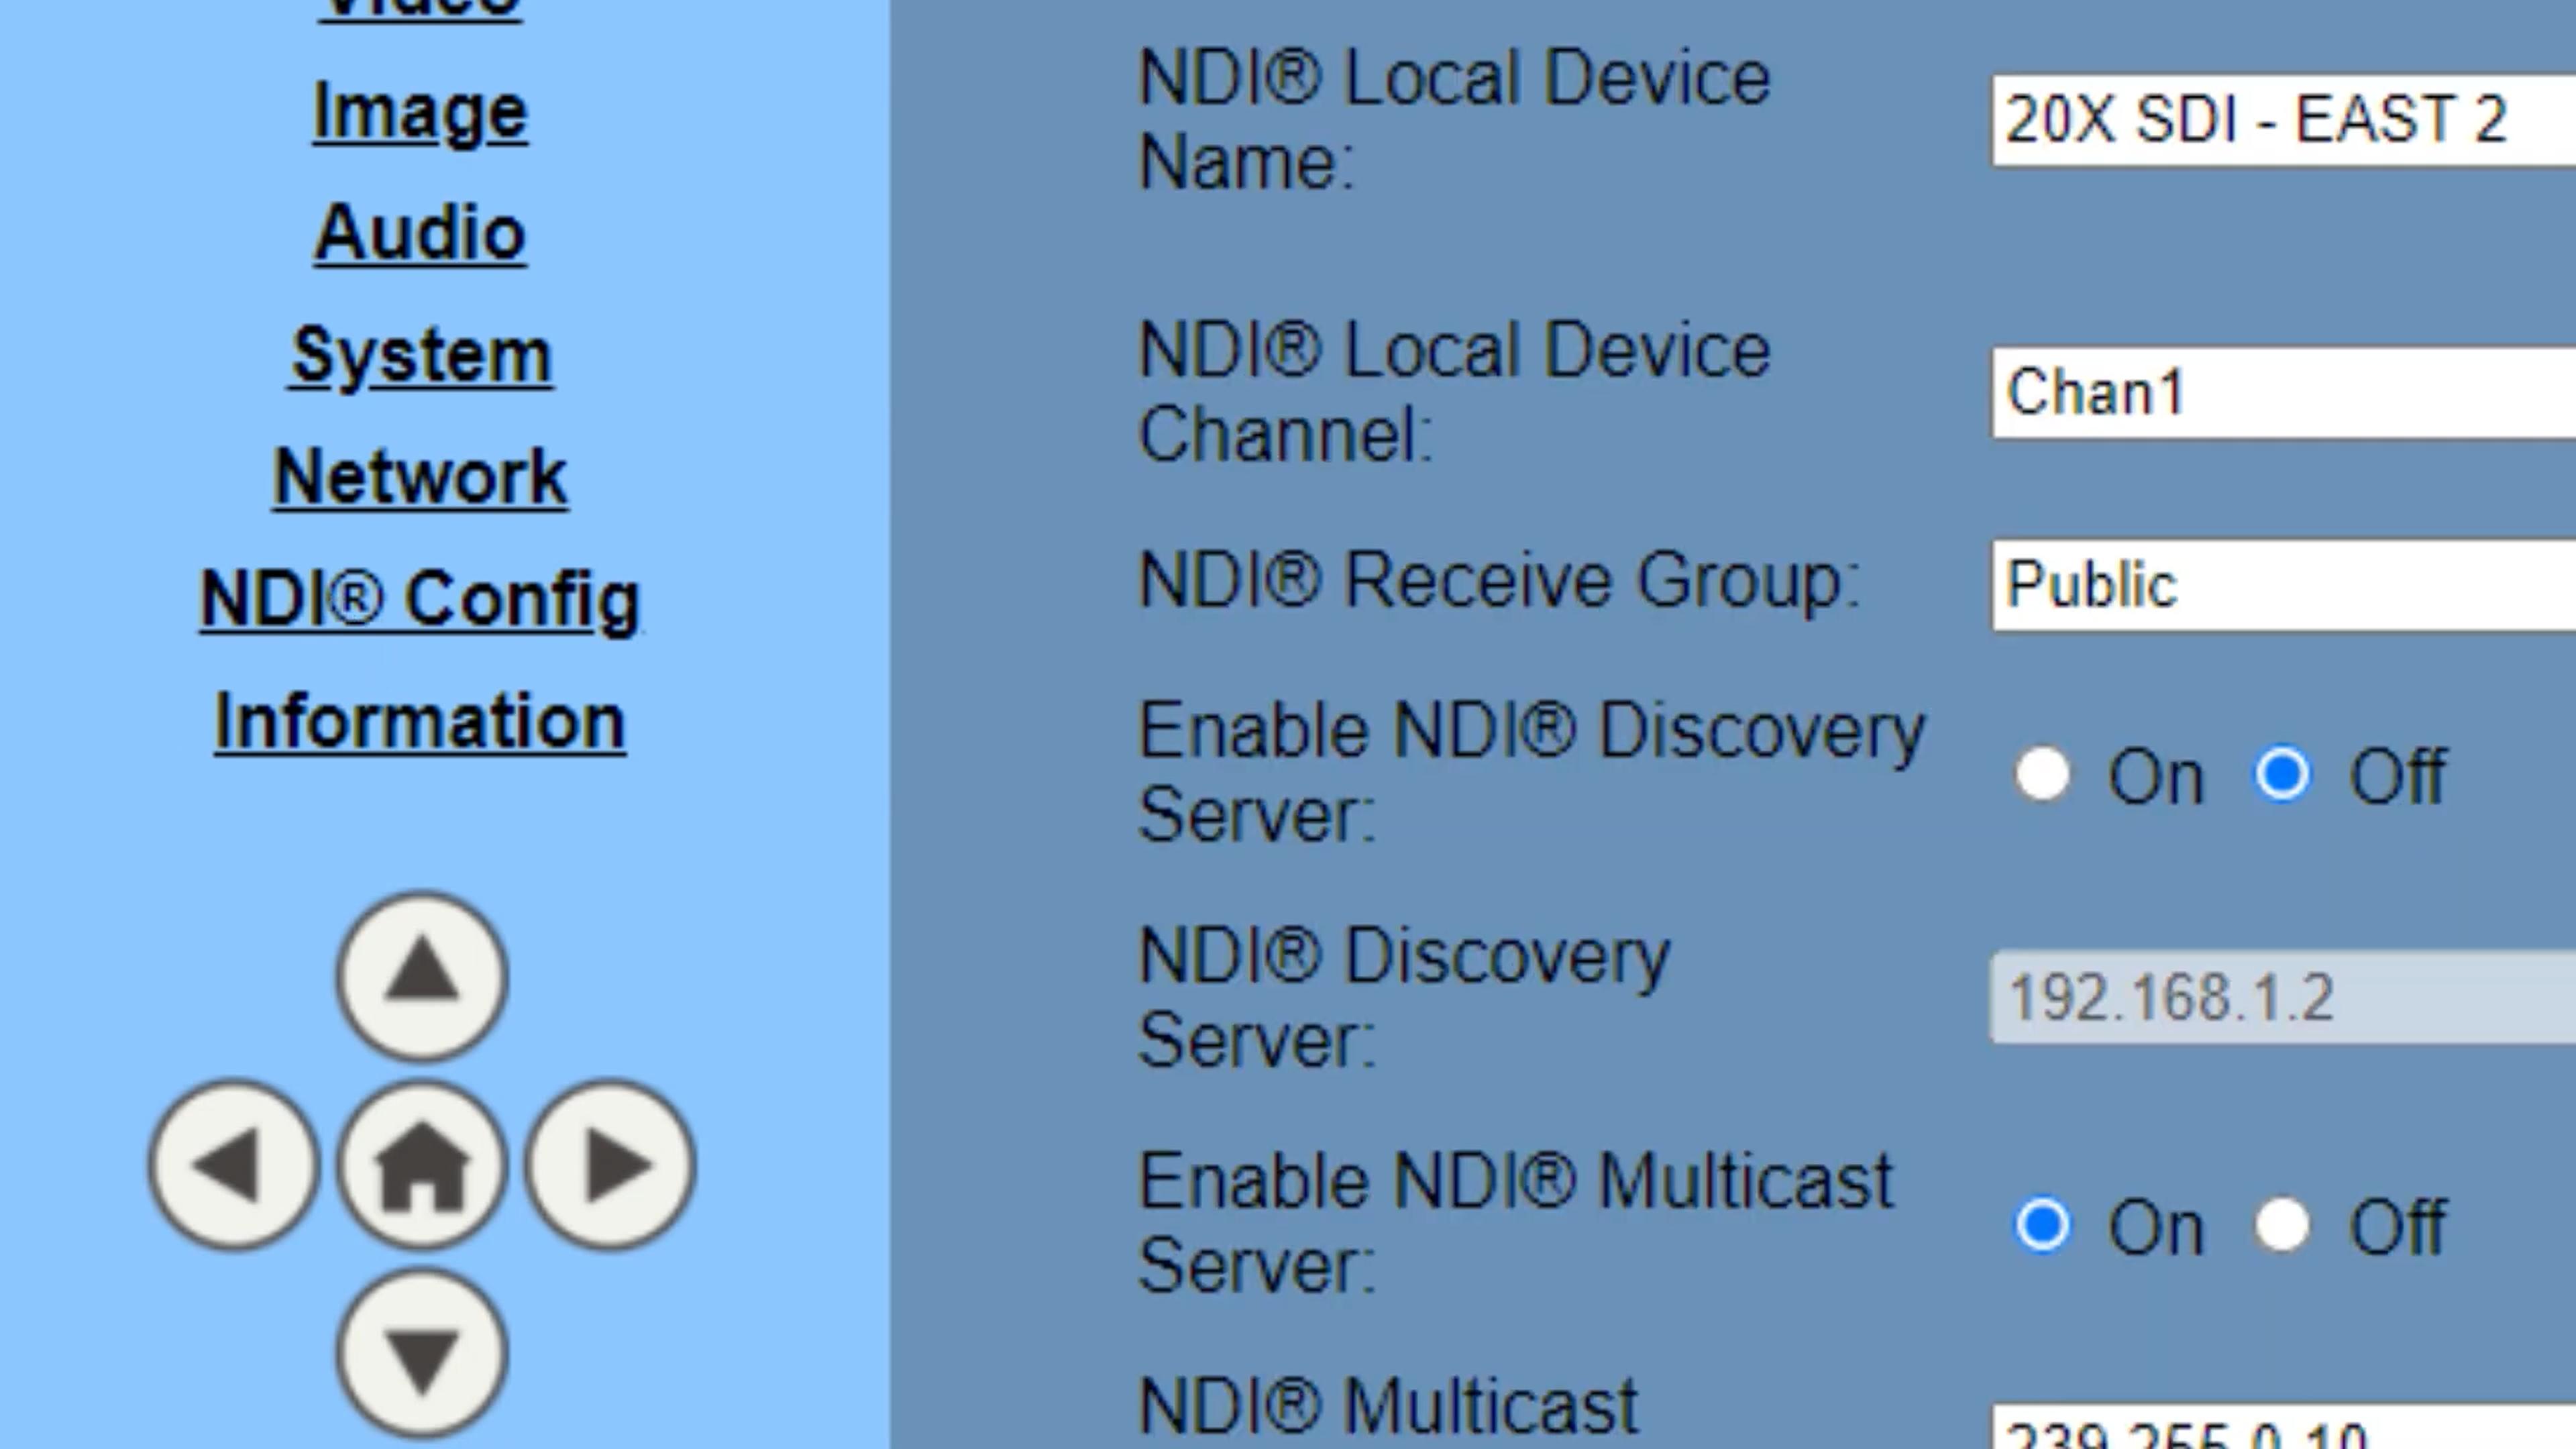 NDIv4 Configuration